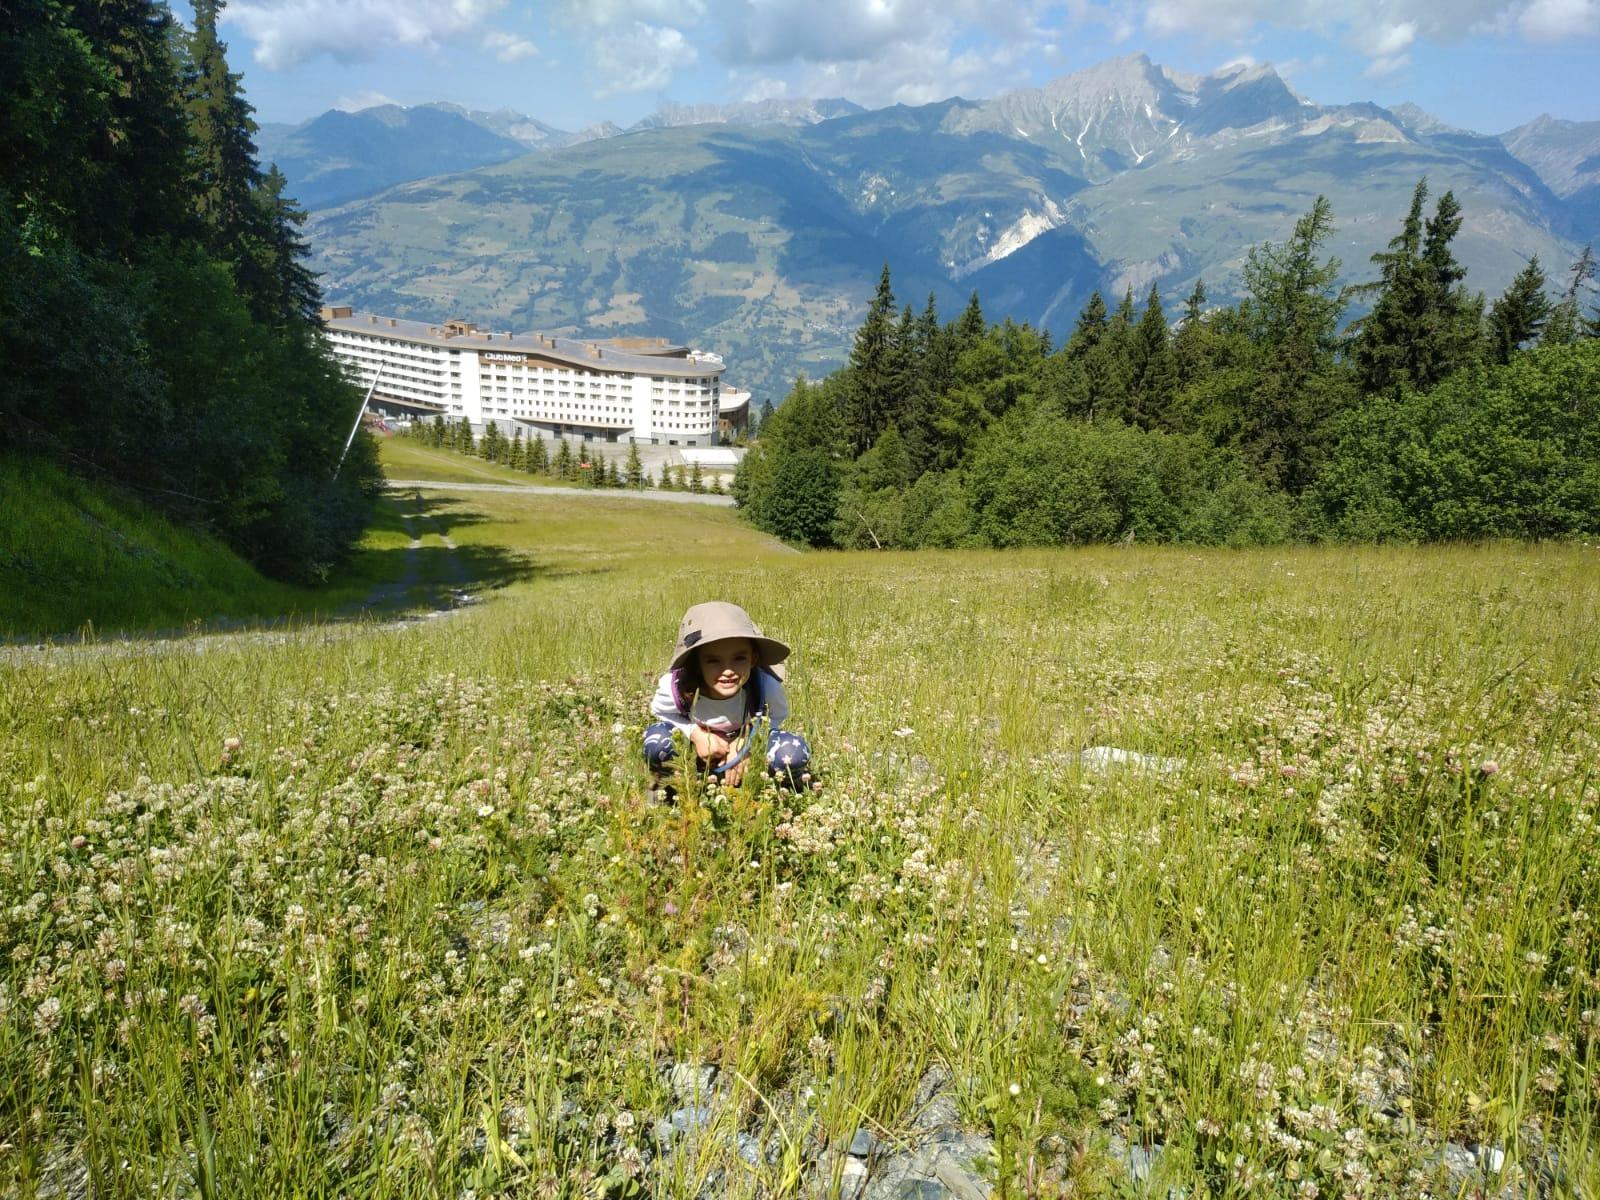 חופשת קיץ באלפים הצרפתיים קלאב מד Les Arcs Panorama